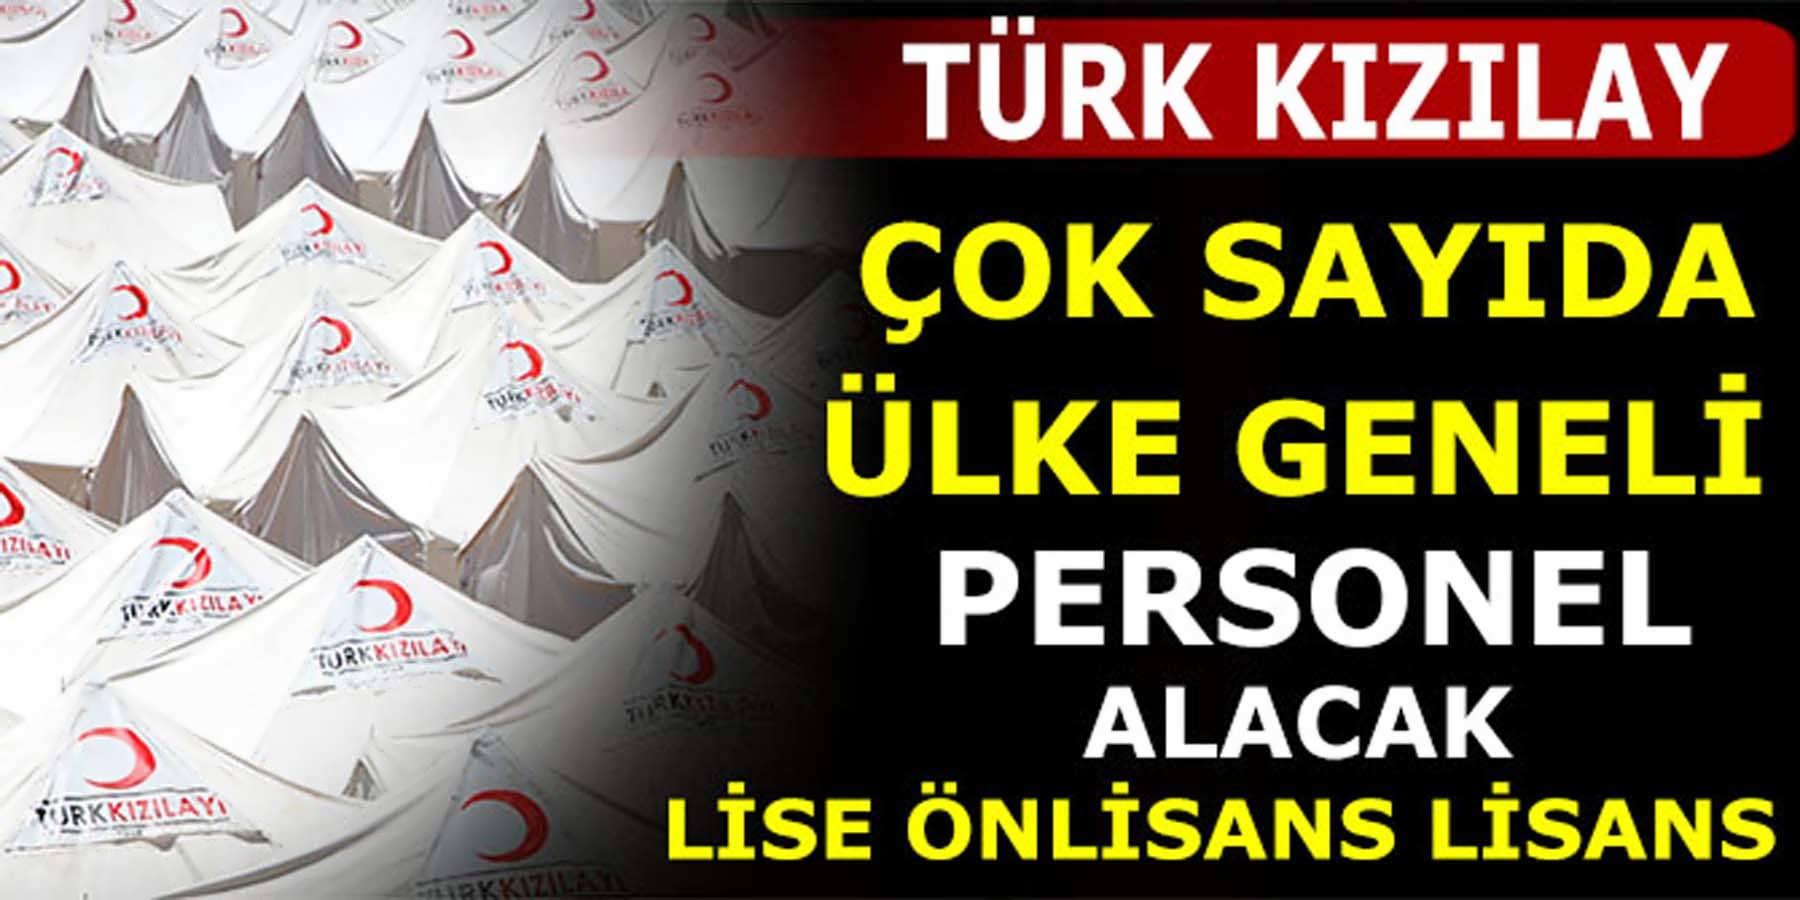 Türk Kızılay Ülke Geneli Personel Alımları Yayınladı